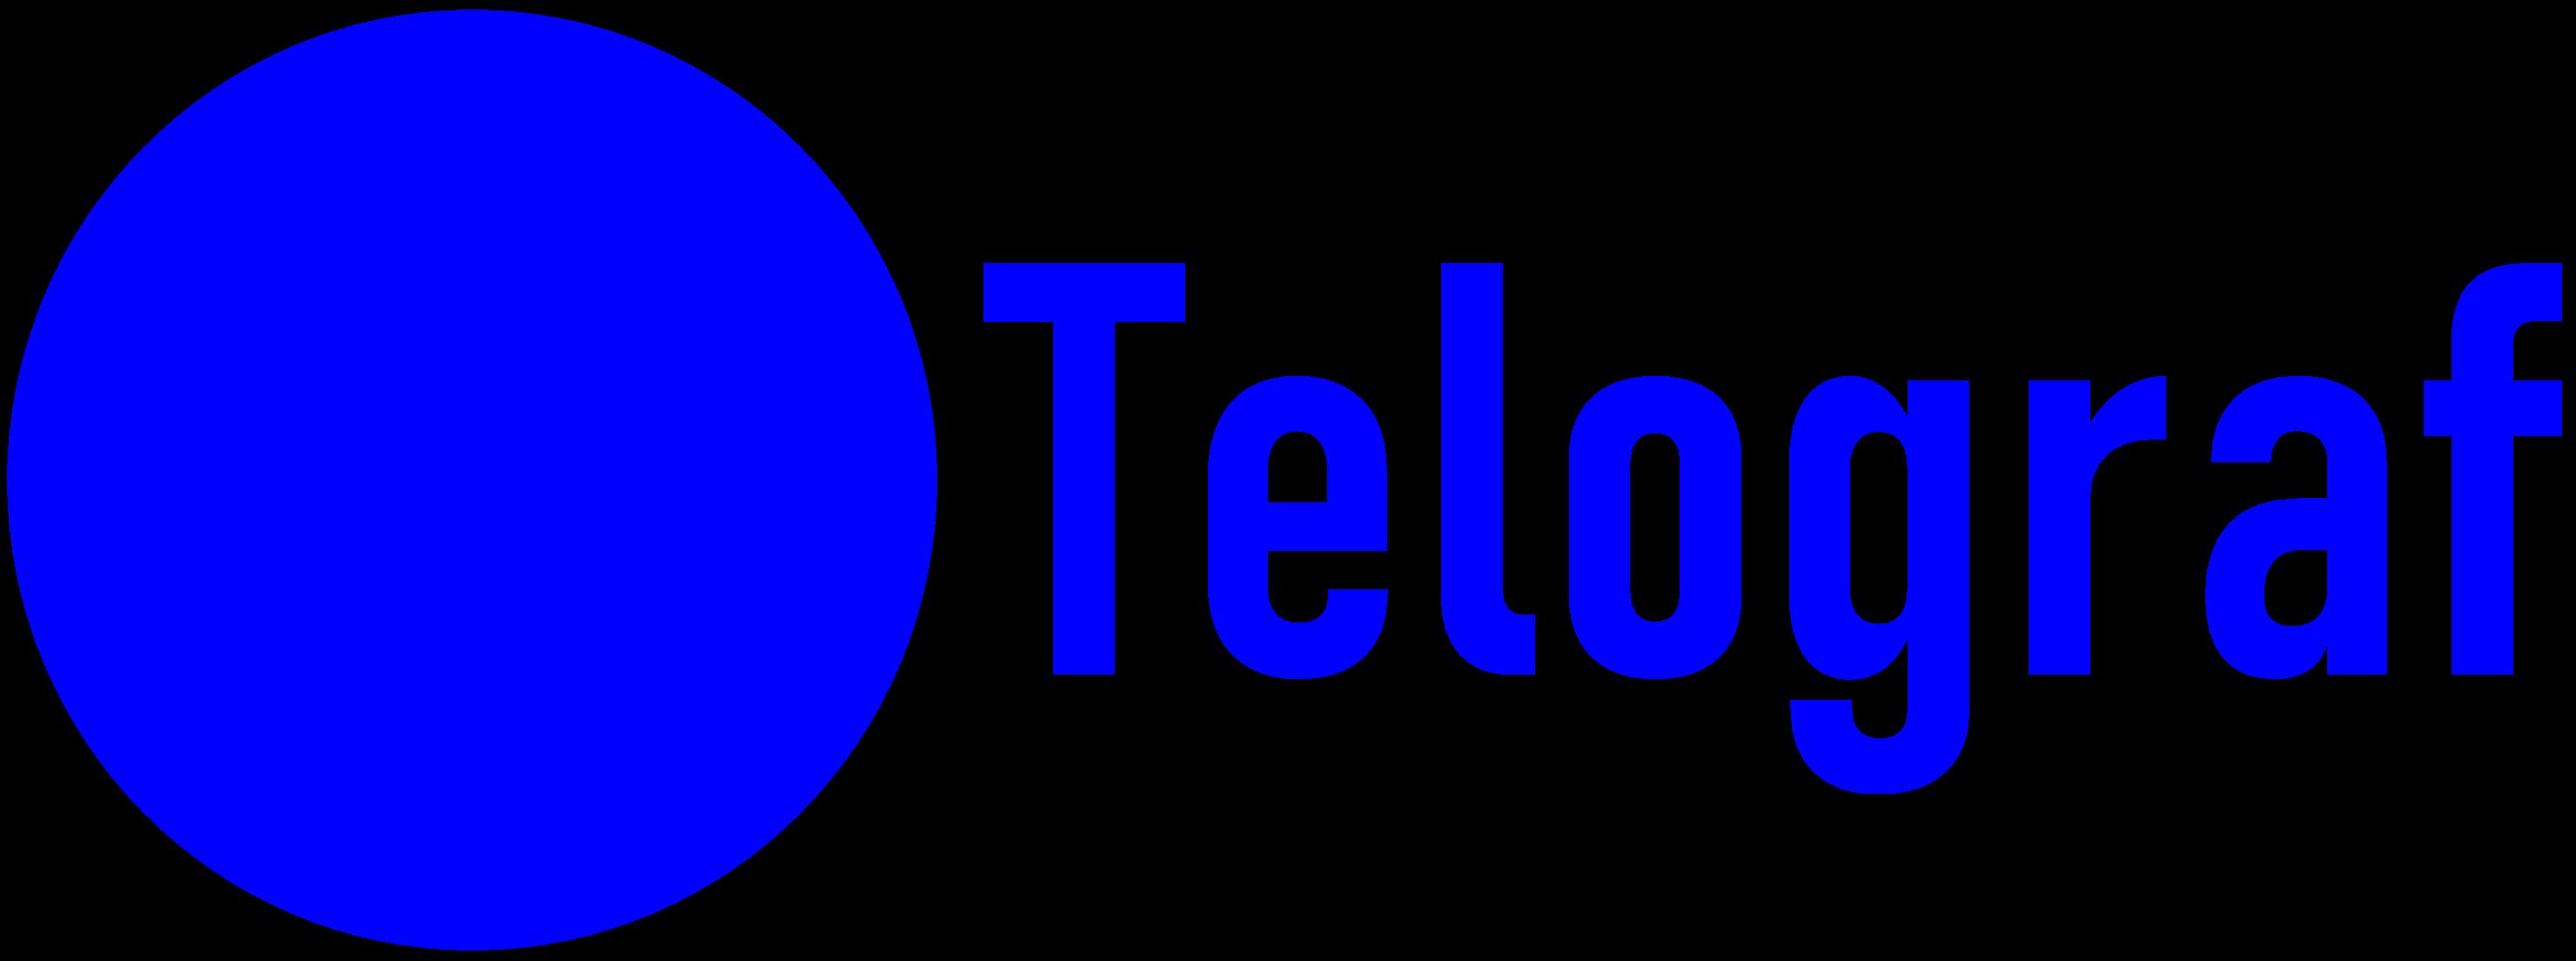 Rete Telograf